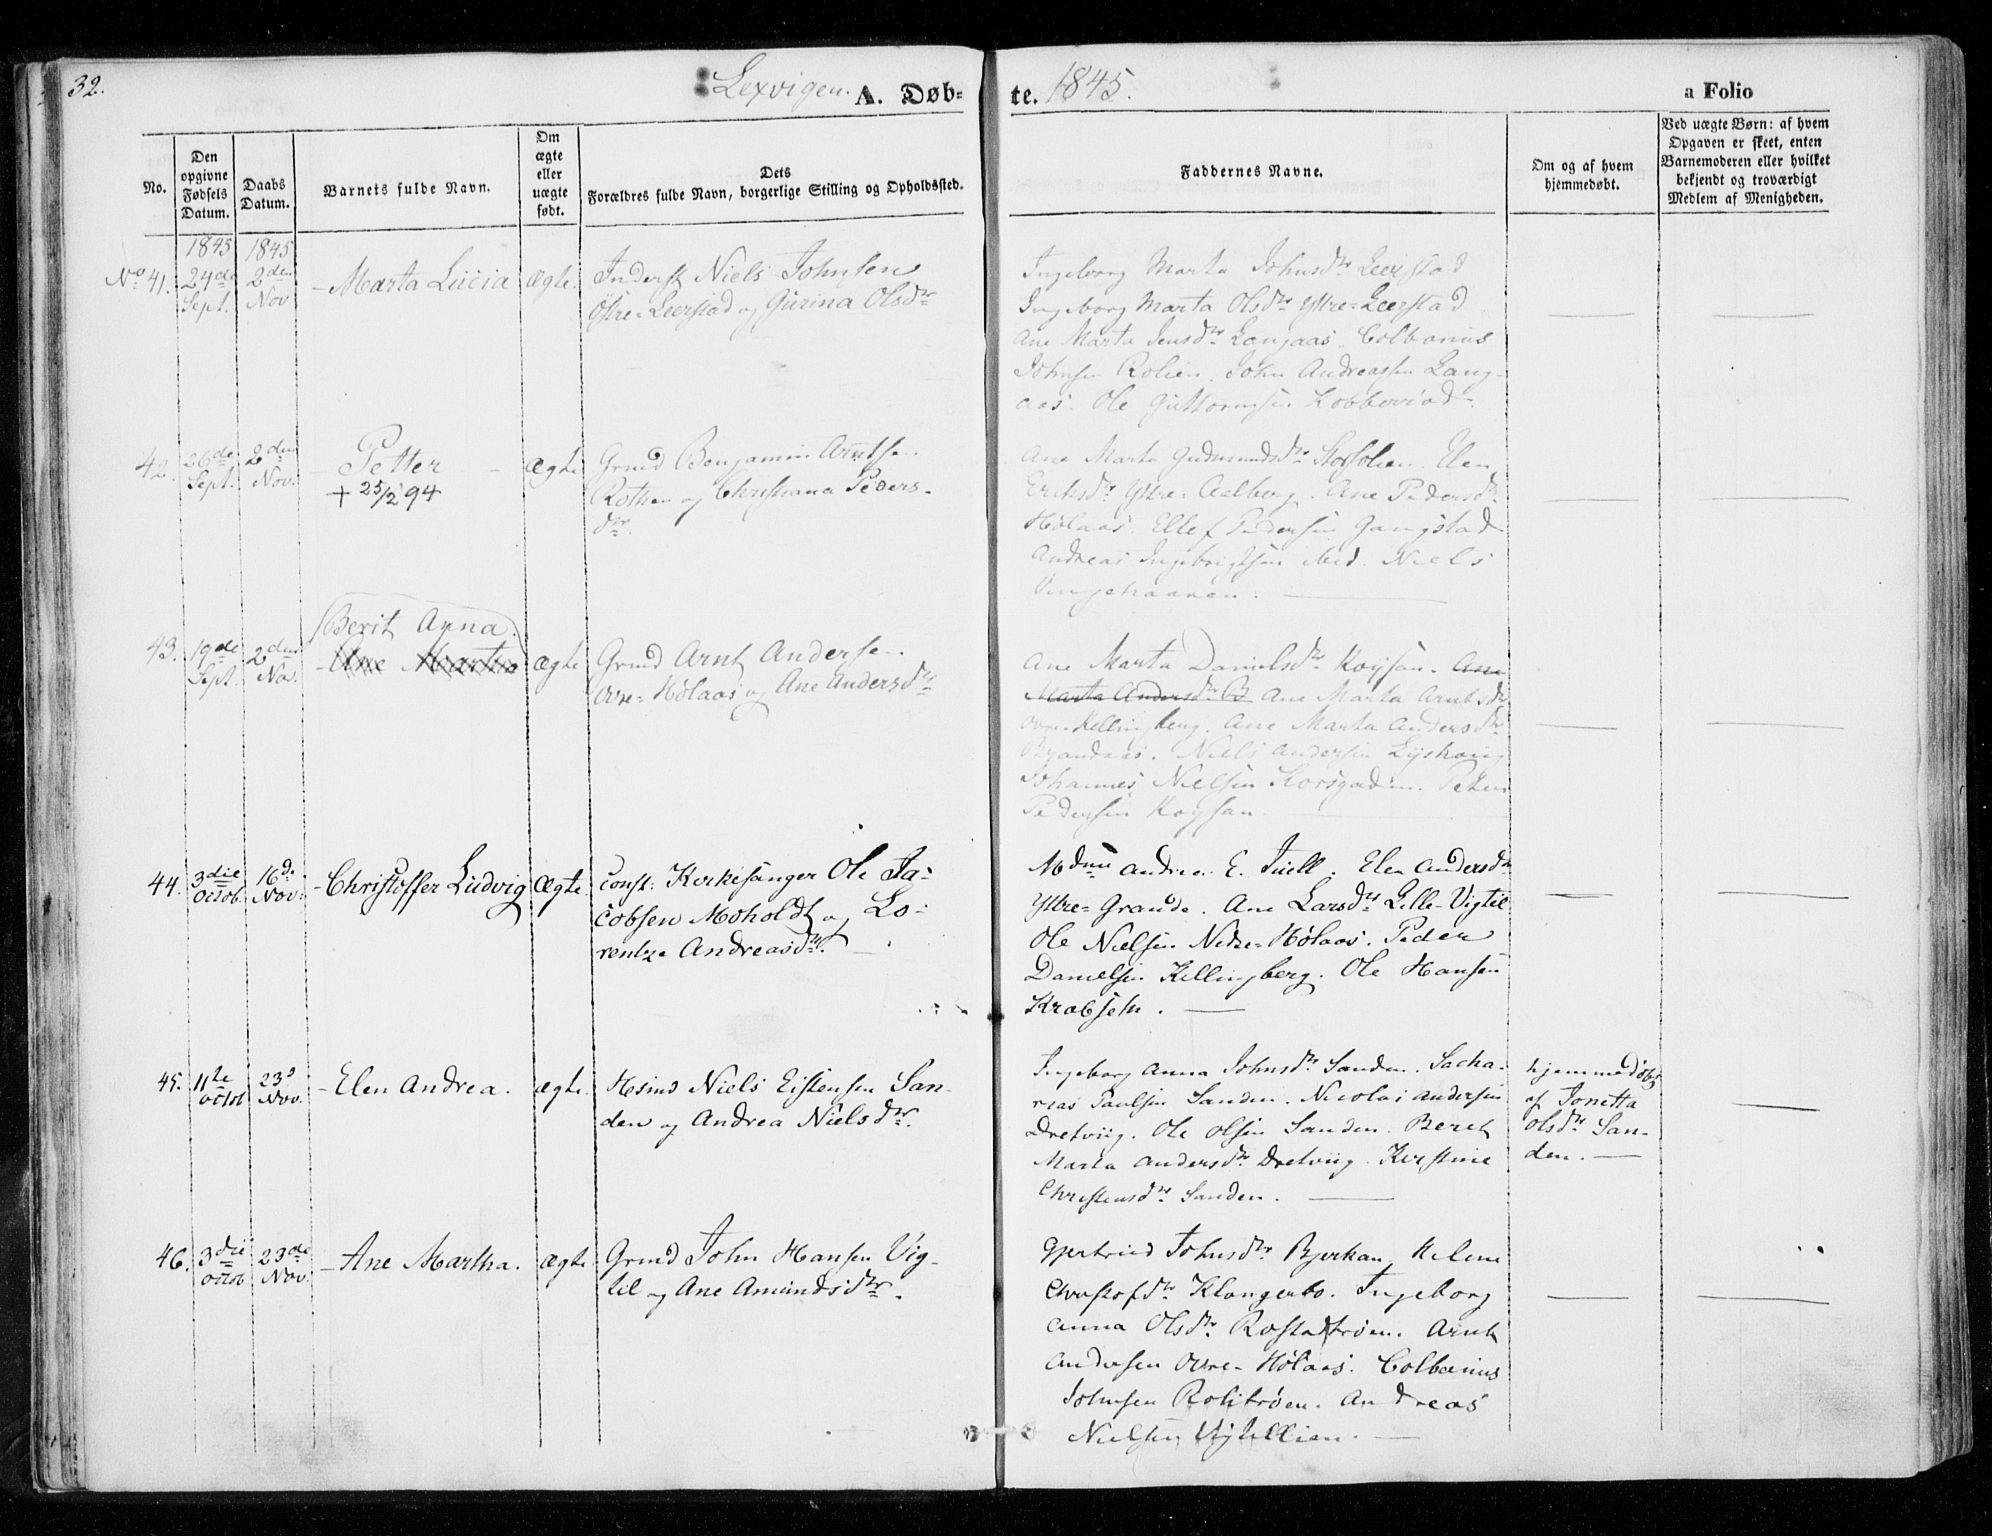 SAT, Ministerialprotokoller, klokkerbøker og fødselsregistre - Nord-Trøndelag, 701/L0007: Ministerialbok nr. 701A07 /1, 1842-1854, s. 32